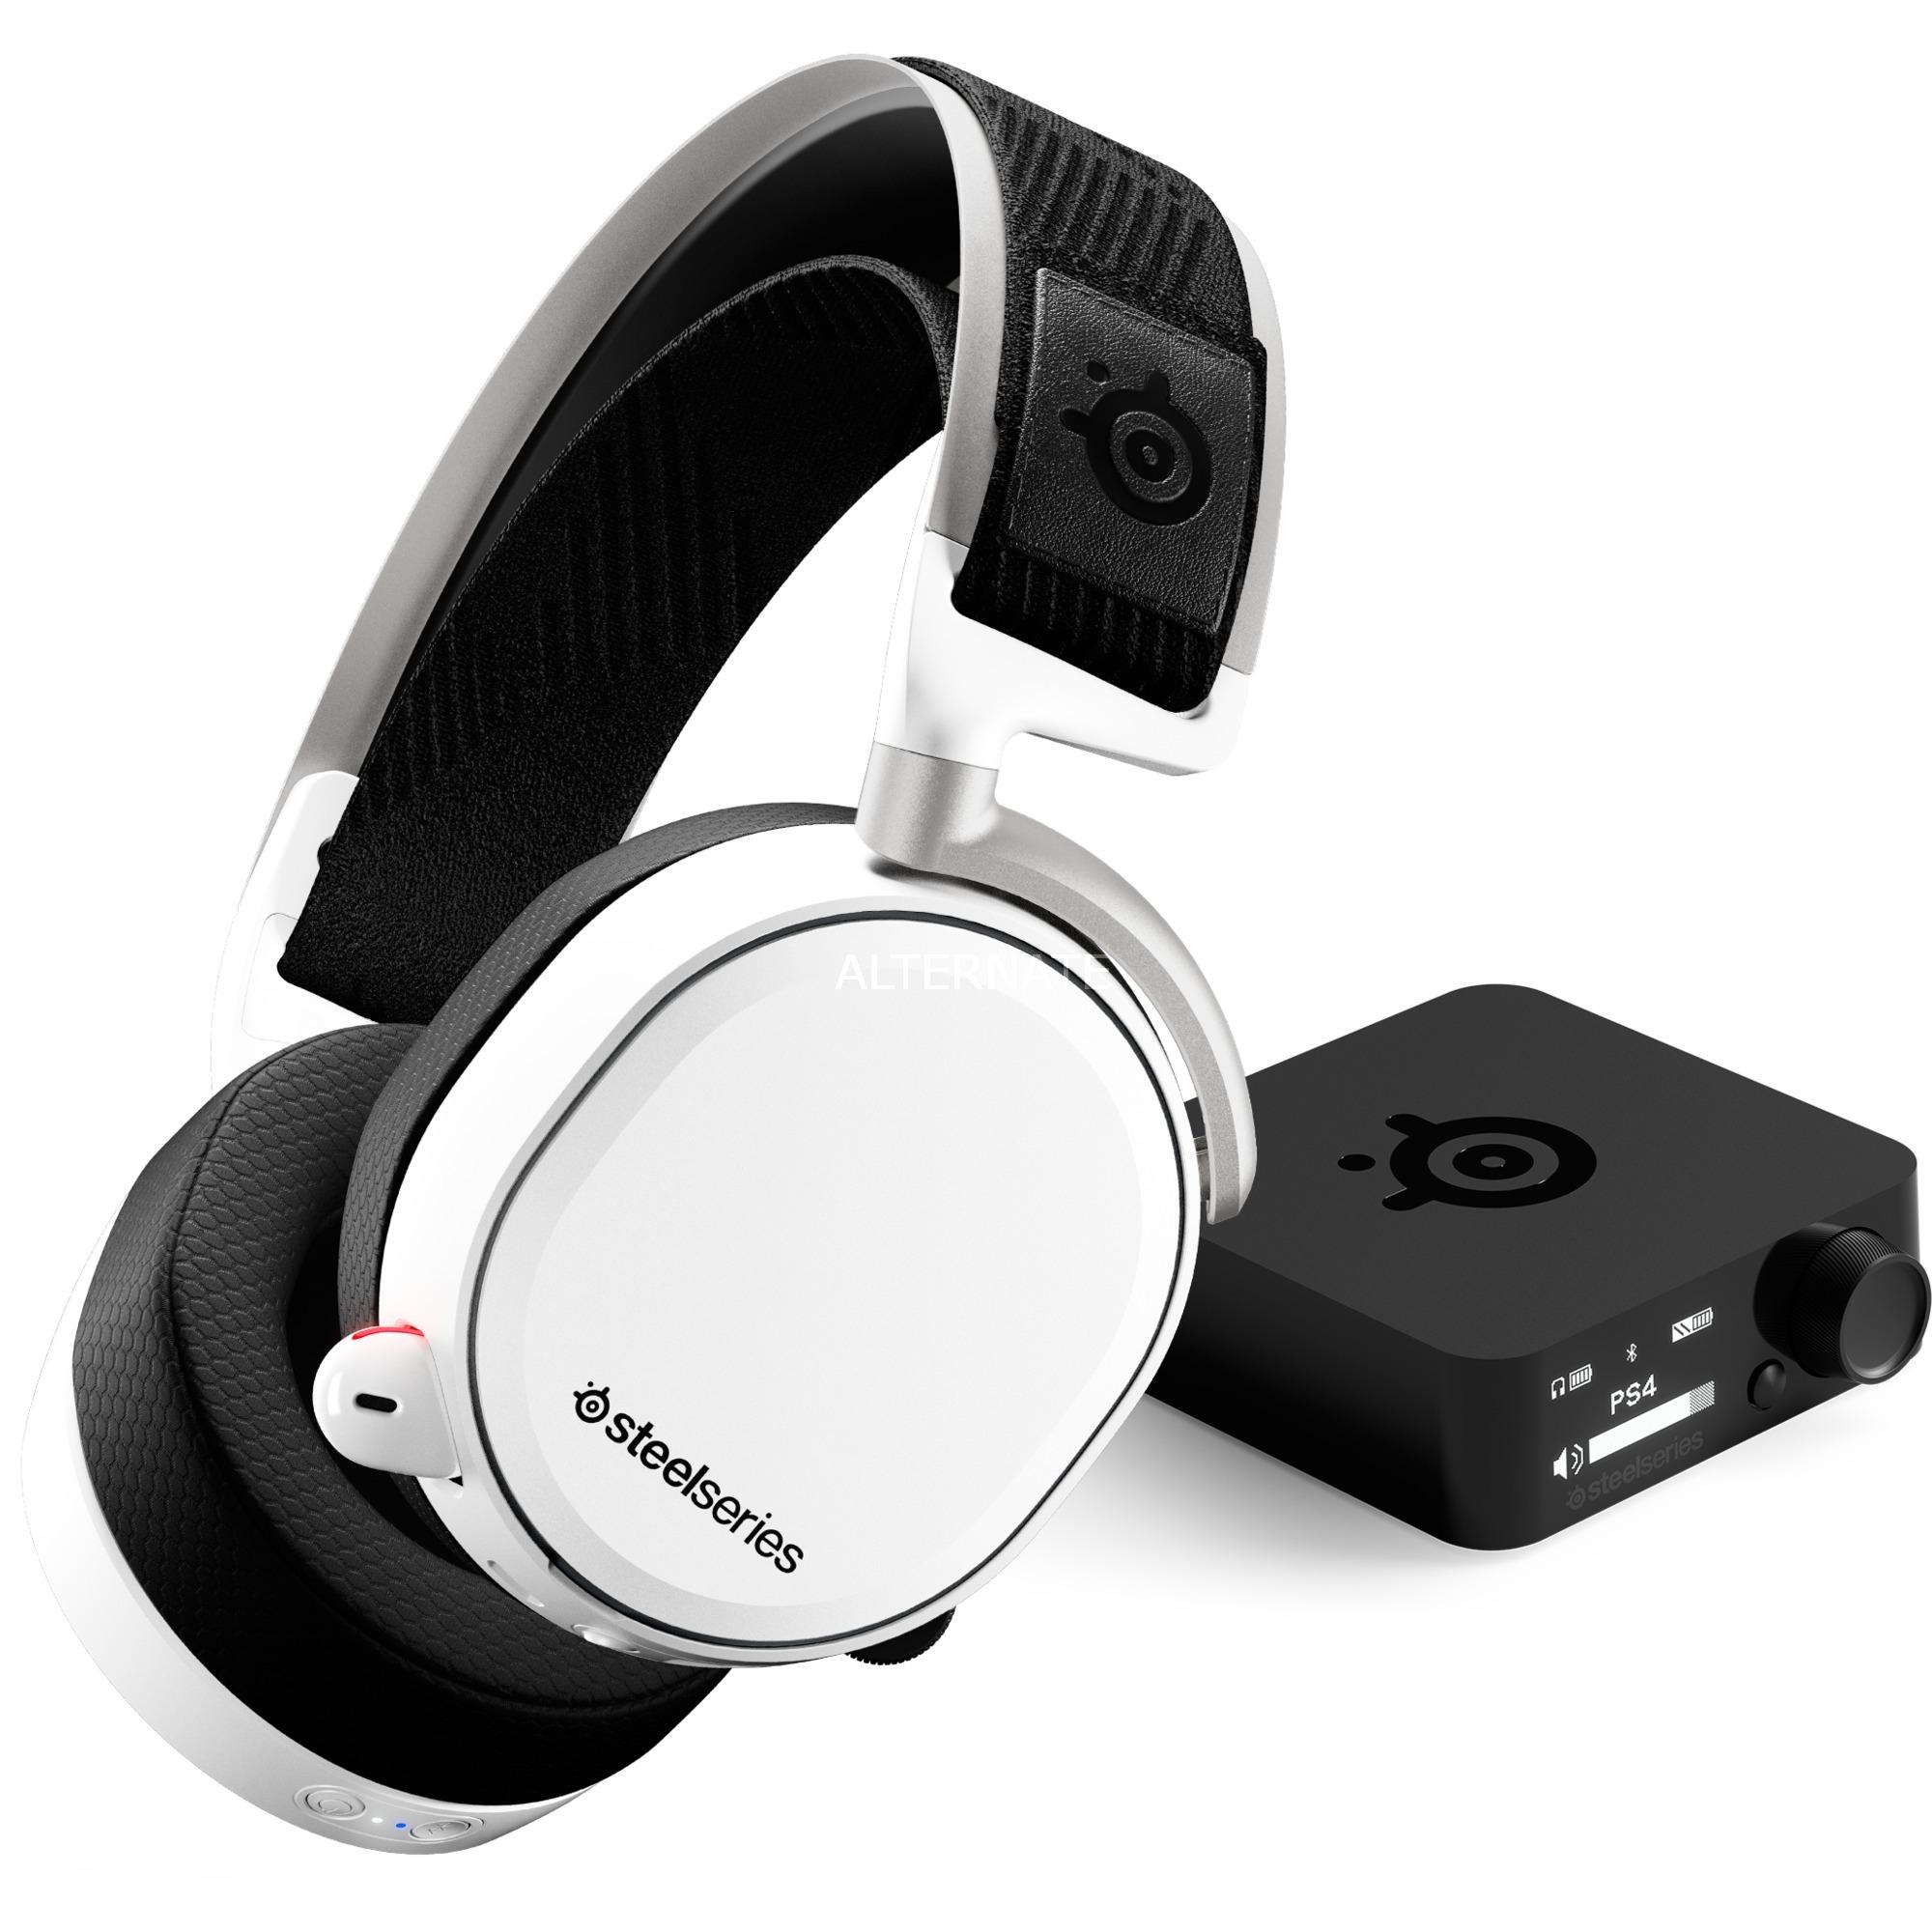 Arctis Pro auricular con micrófono Diadema Binaural Negro, Auriculares con micrófono